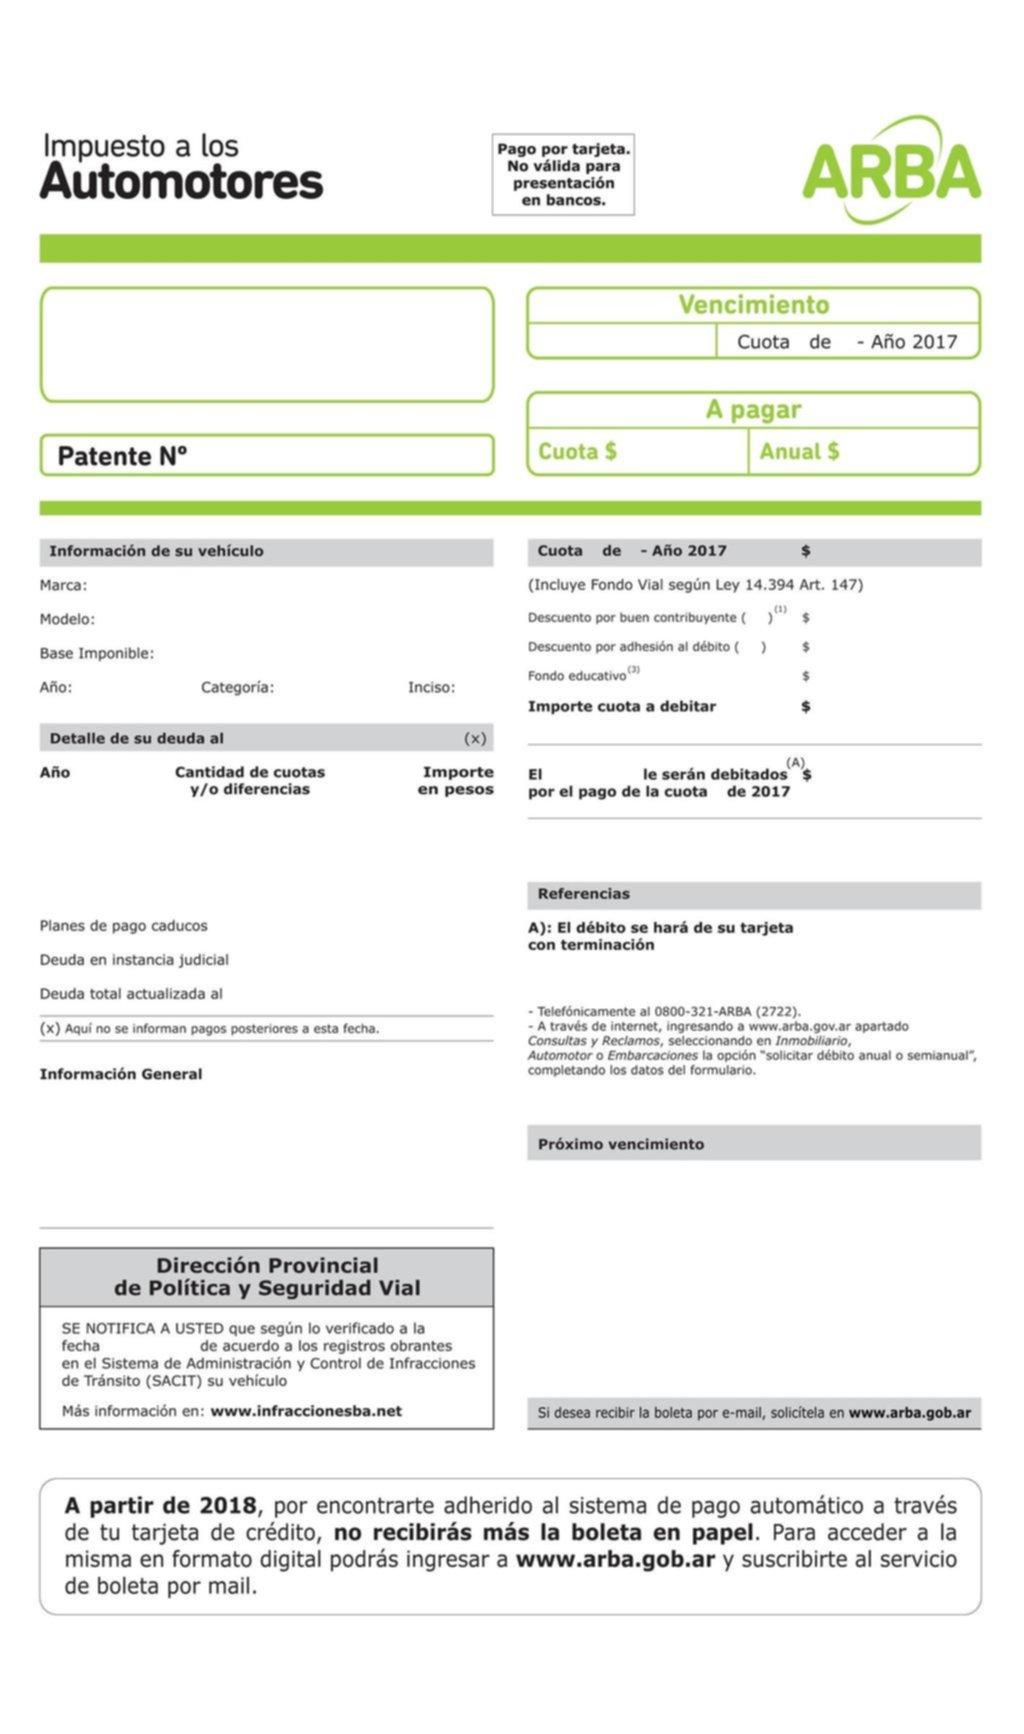 patentes automotor arba